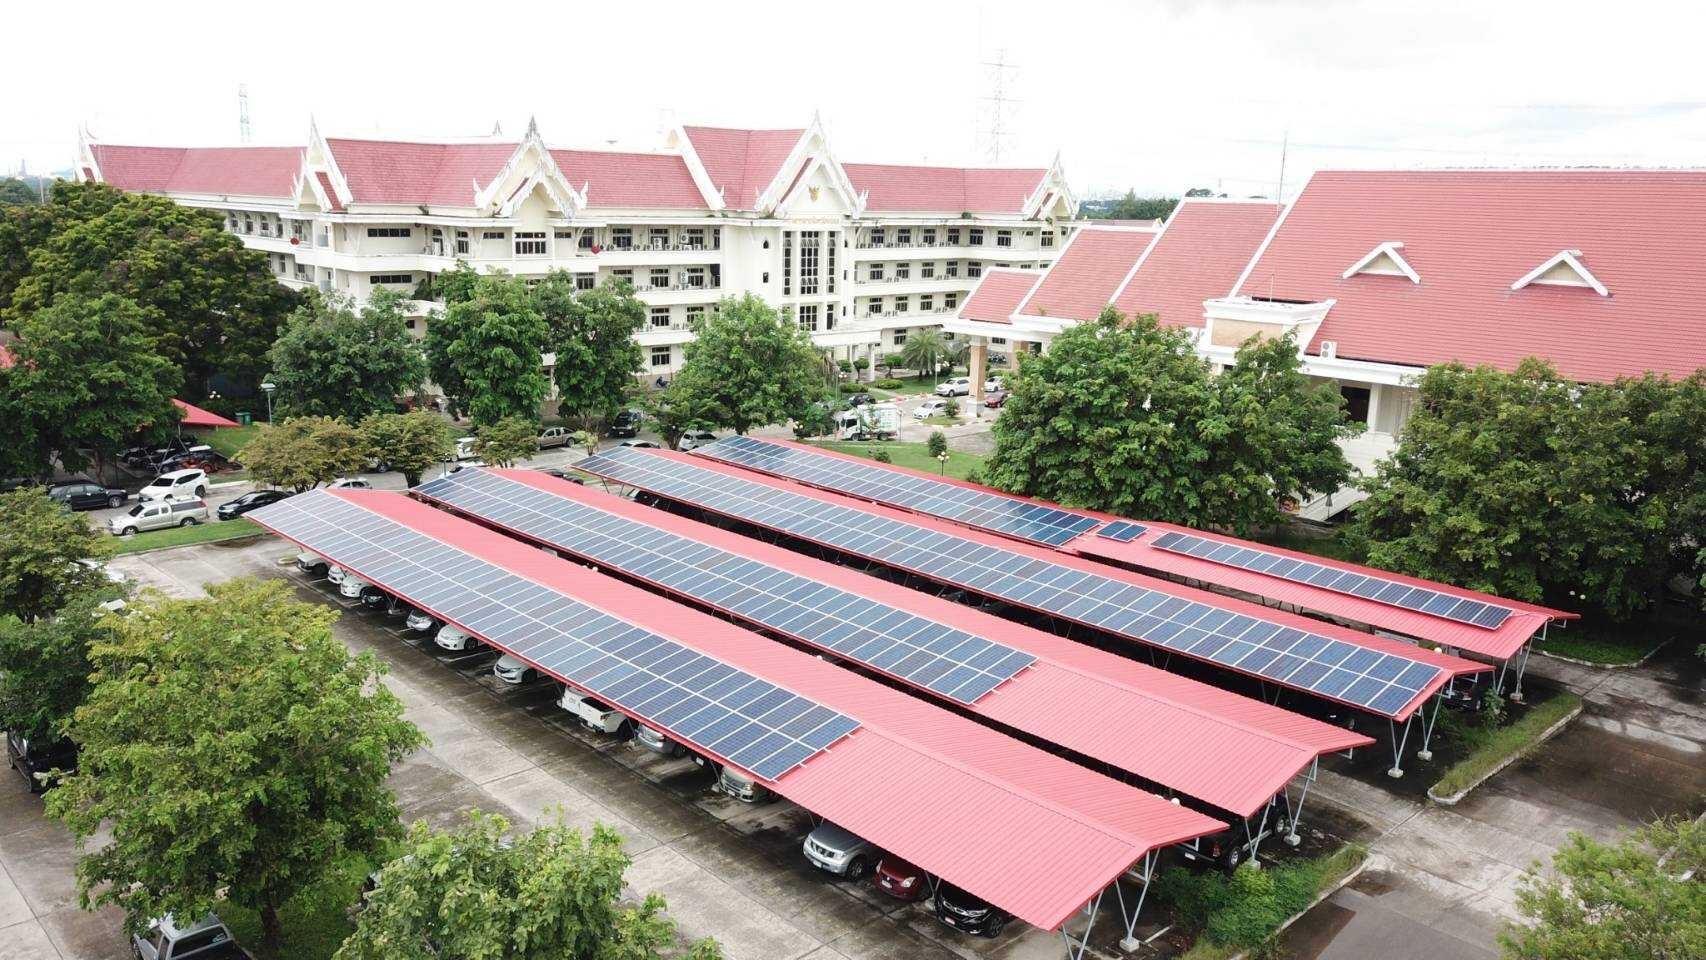 พัฒนาศูนย์ราชการจังหวัดระยองเป็นต้นแบบอาคารอนุรักษ์พลังงาน[ระบบผลิตไฟฟ้าพลังงานแสงอาทิตย์]